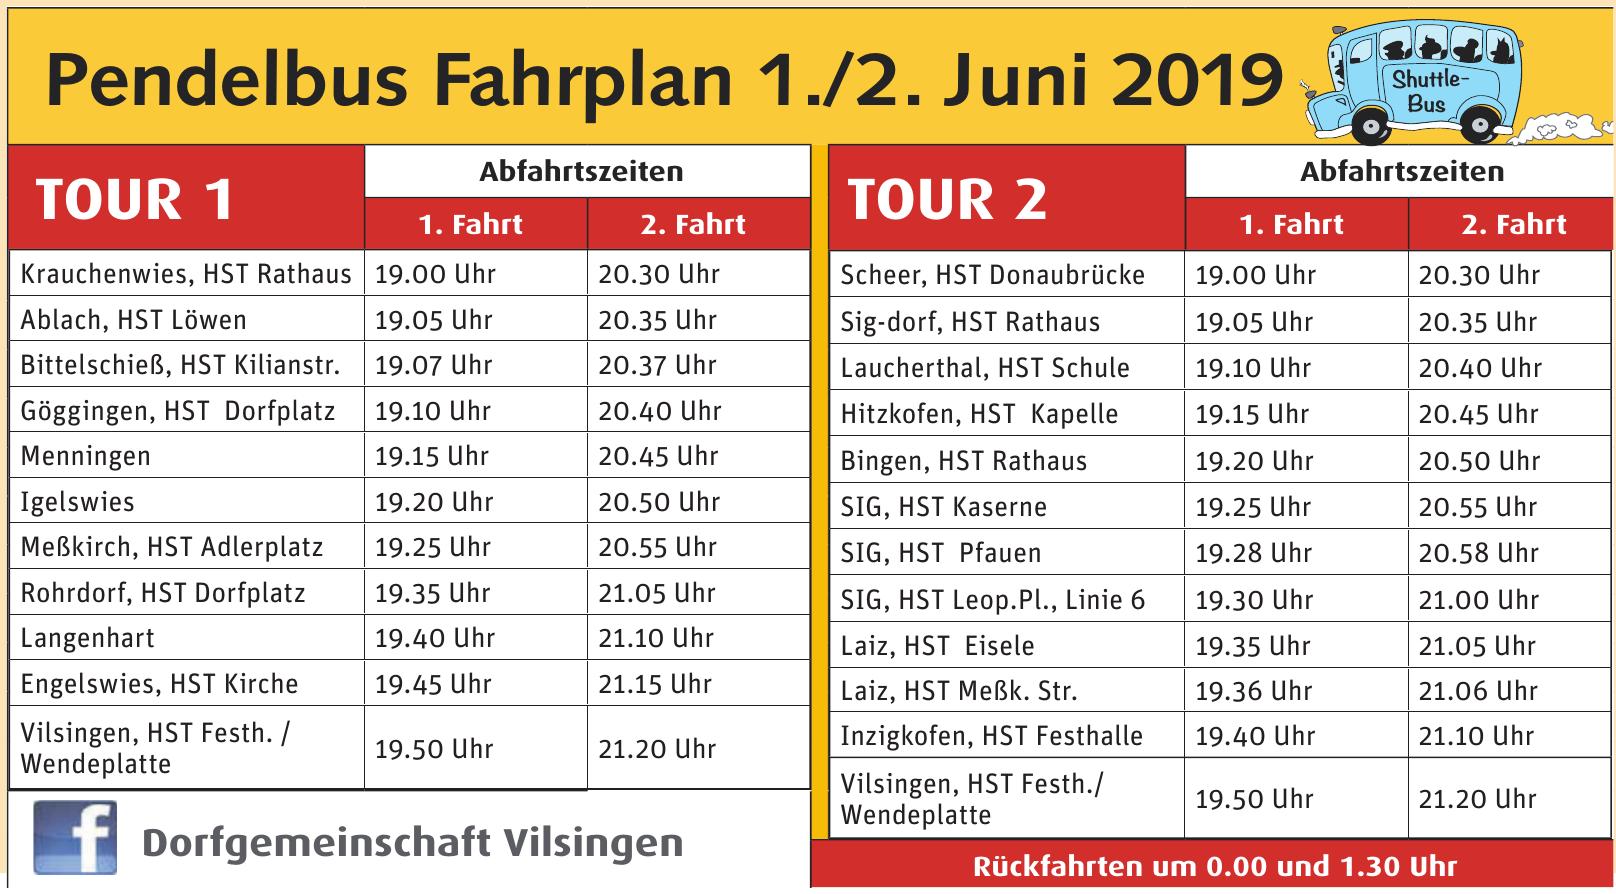 Pendelbus Fahrplan 1./2. Juni 2019